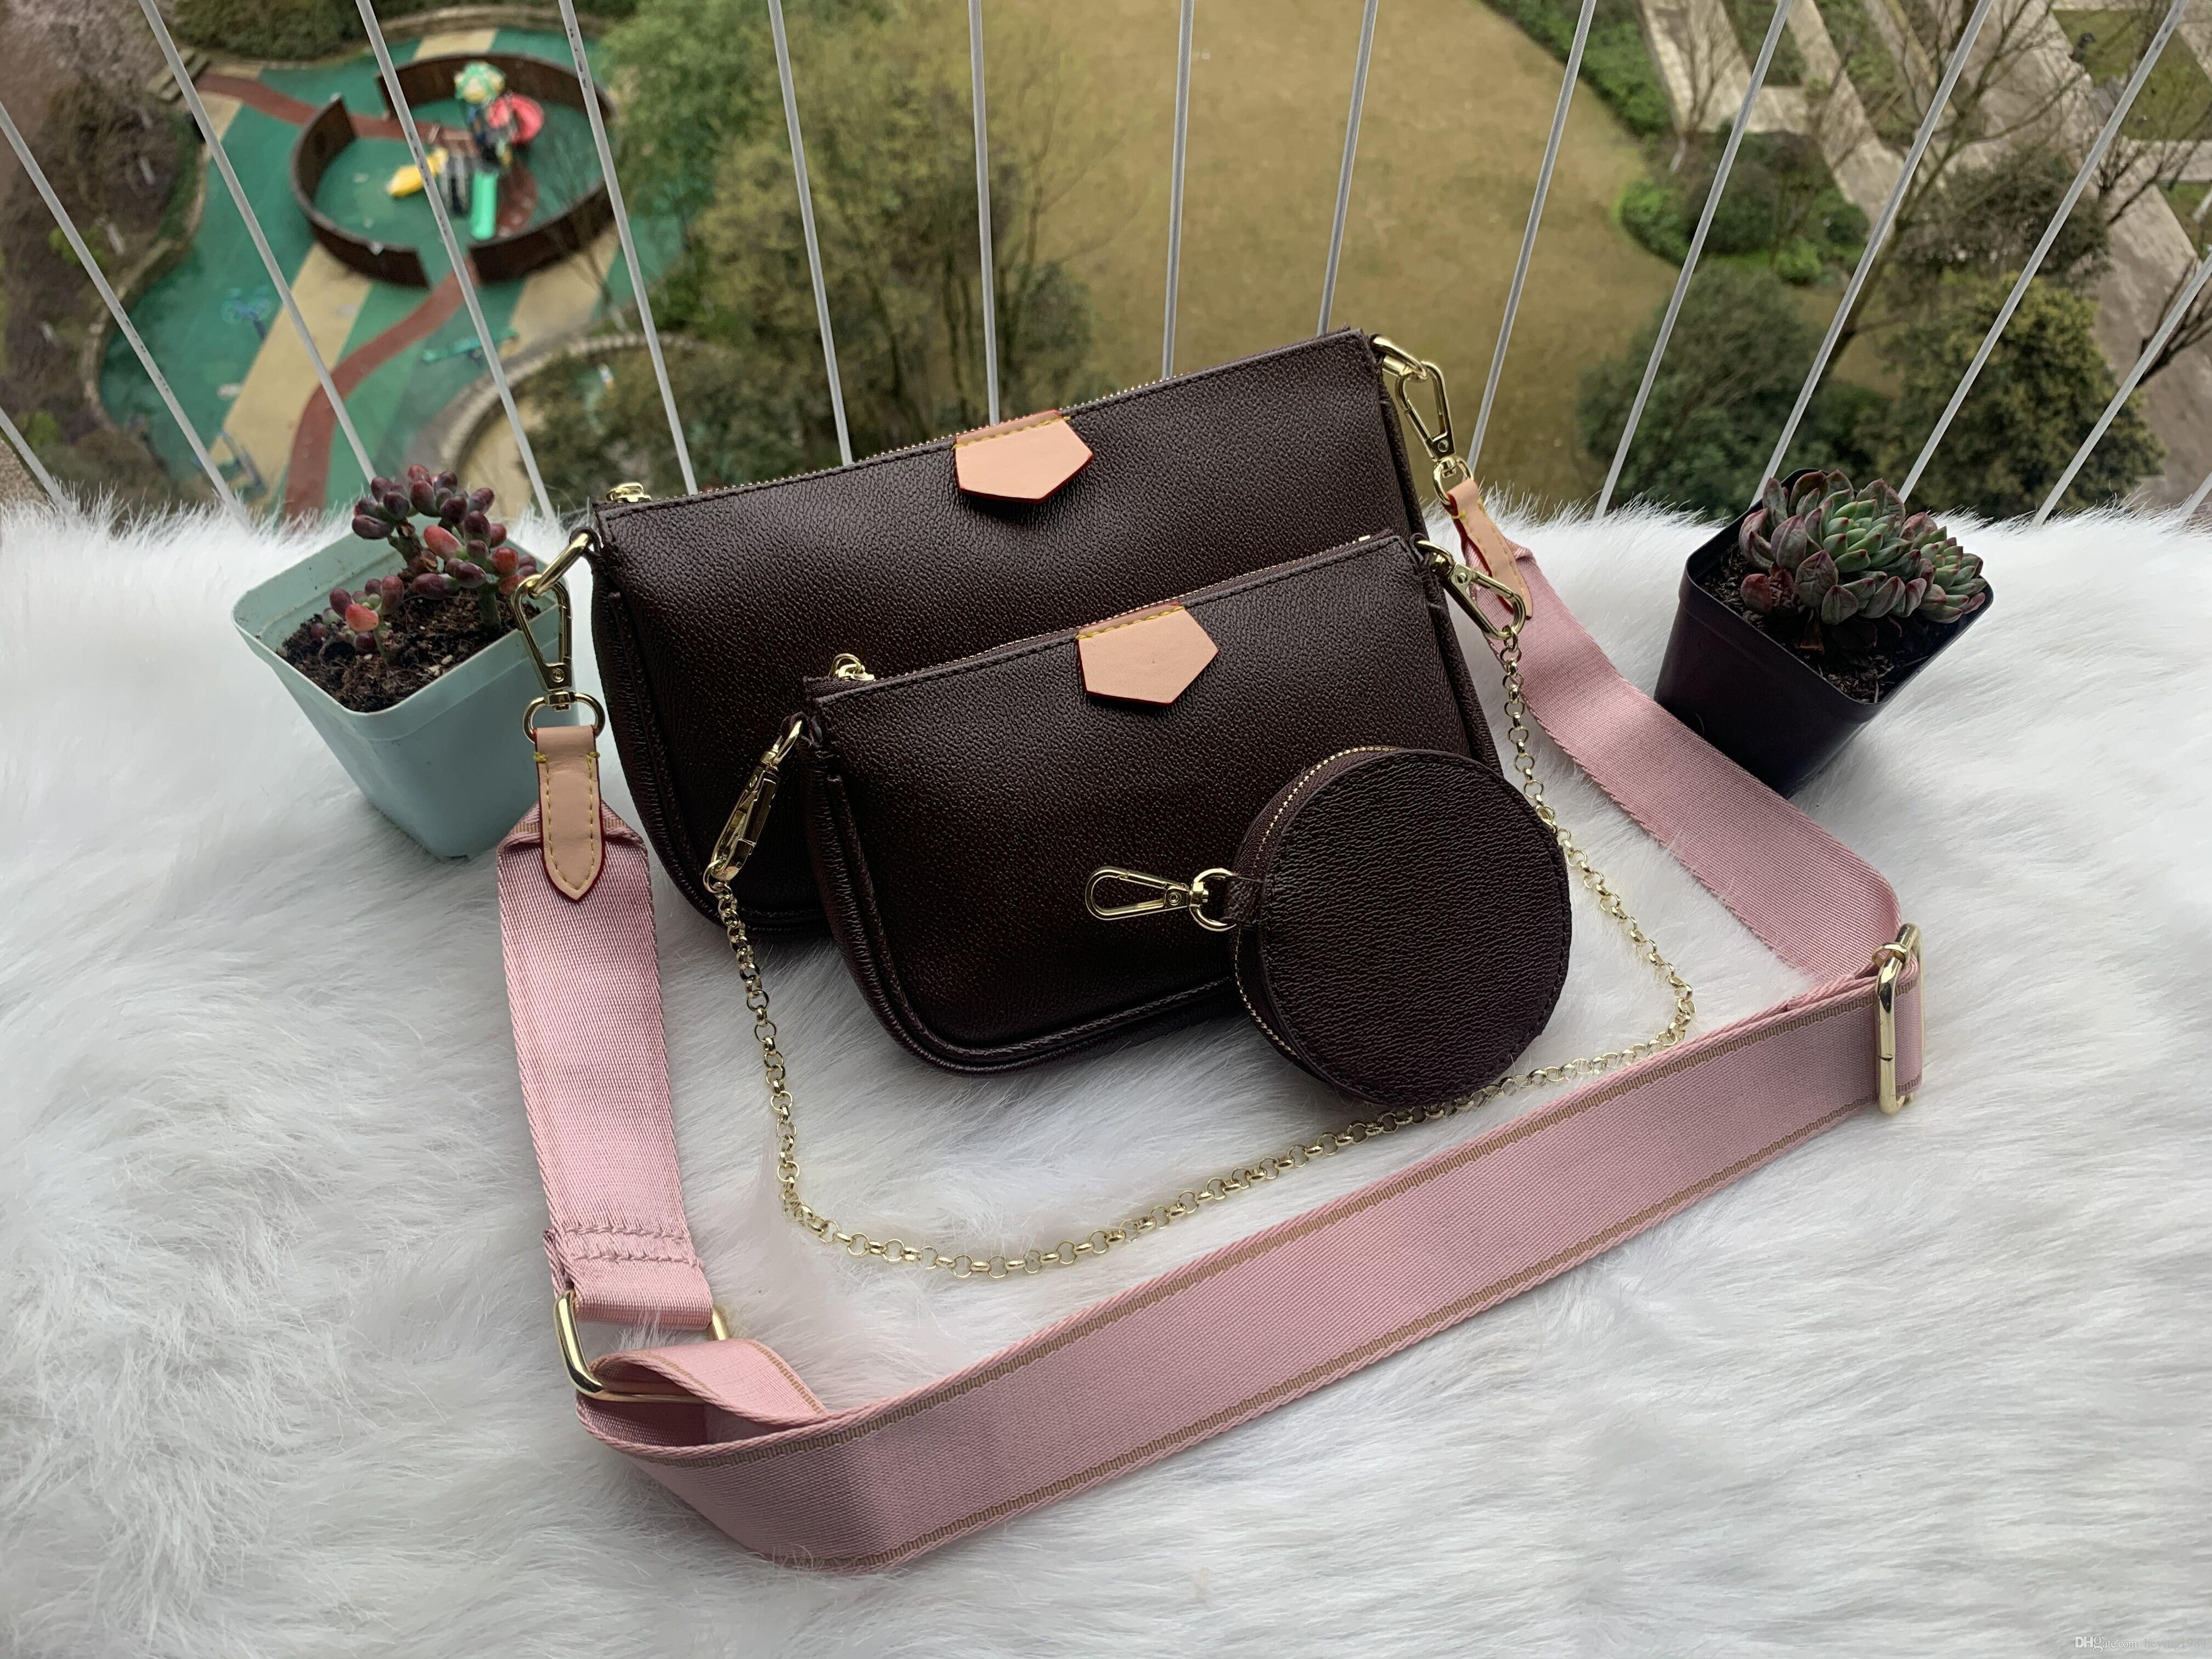 preferito multi accessori pochette di lusso della borsa della borsa della spalla vera pelle fiore L crossbody bag borse delle signore 3 pz borsa